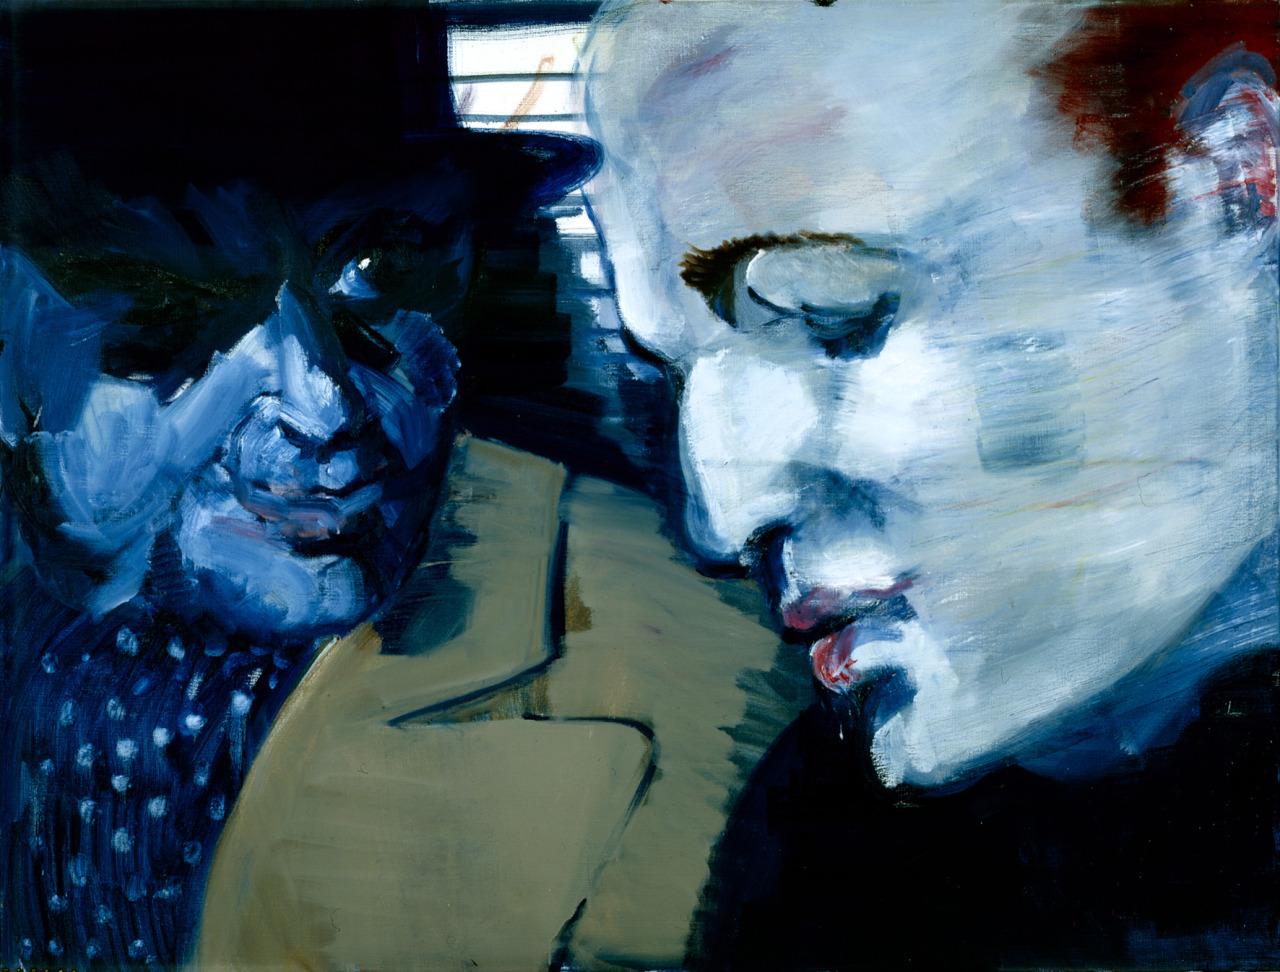 thunderstruck9:  Rainer Fetting (German, b. 1949), Brando - Steiger, 2004. Oil on canvas, 120 x 160 cm.